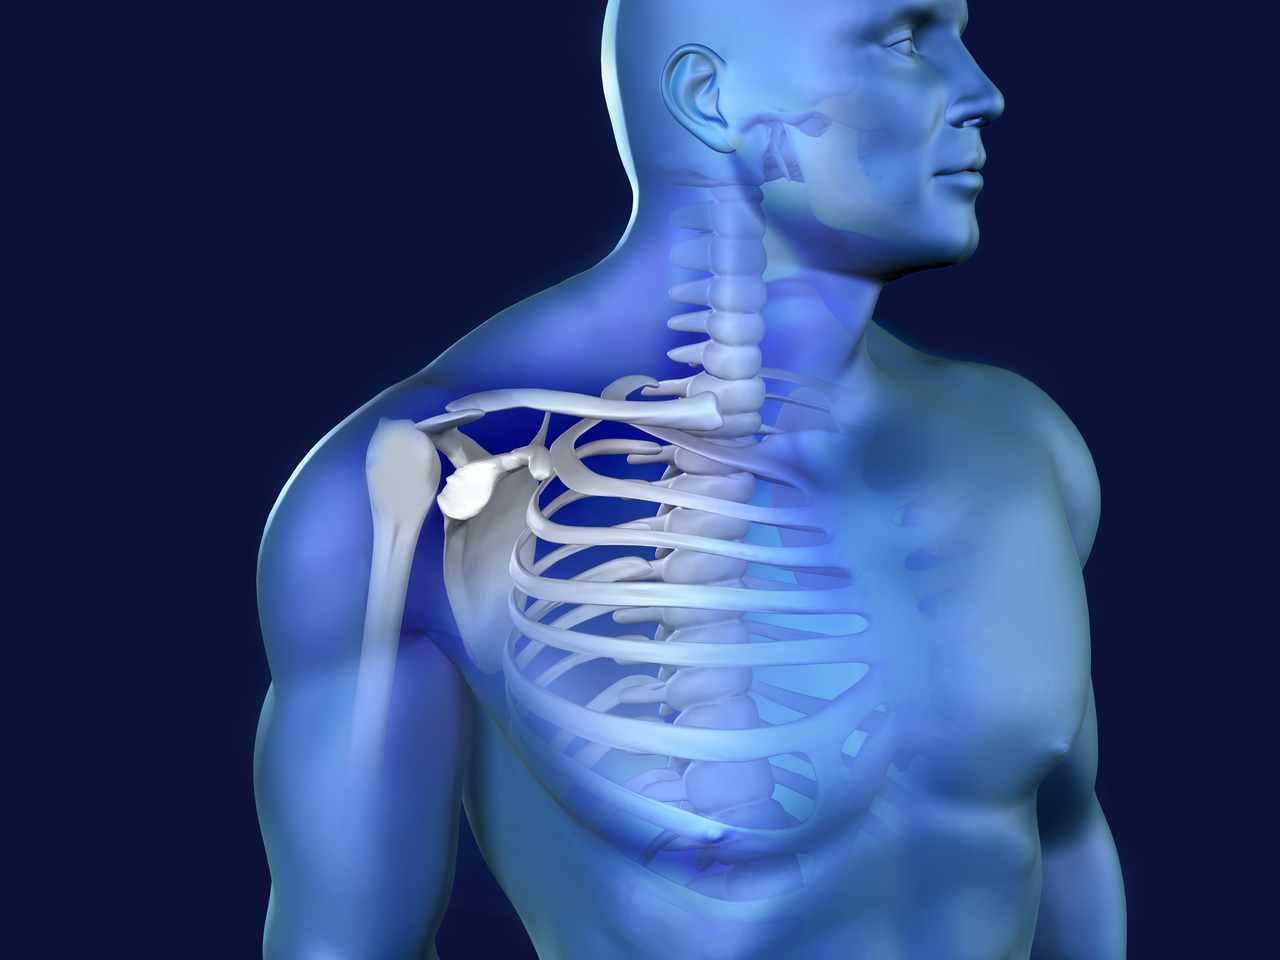 Das schultergelenk - Anatomie, Aufbau und Funktion | Der Mensch